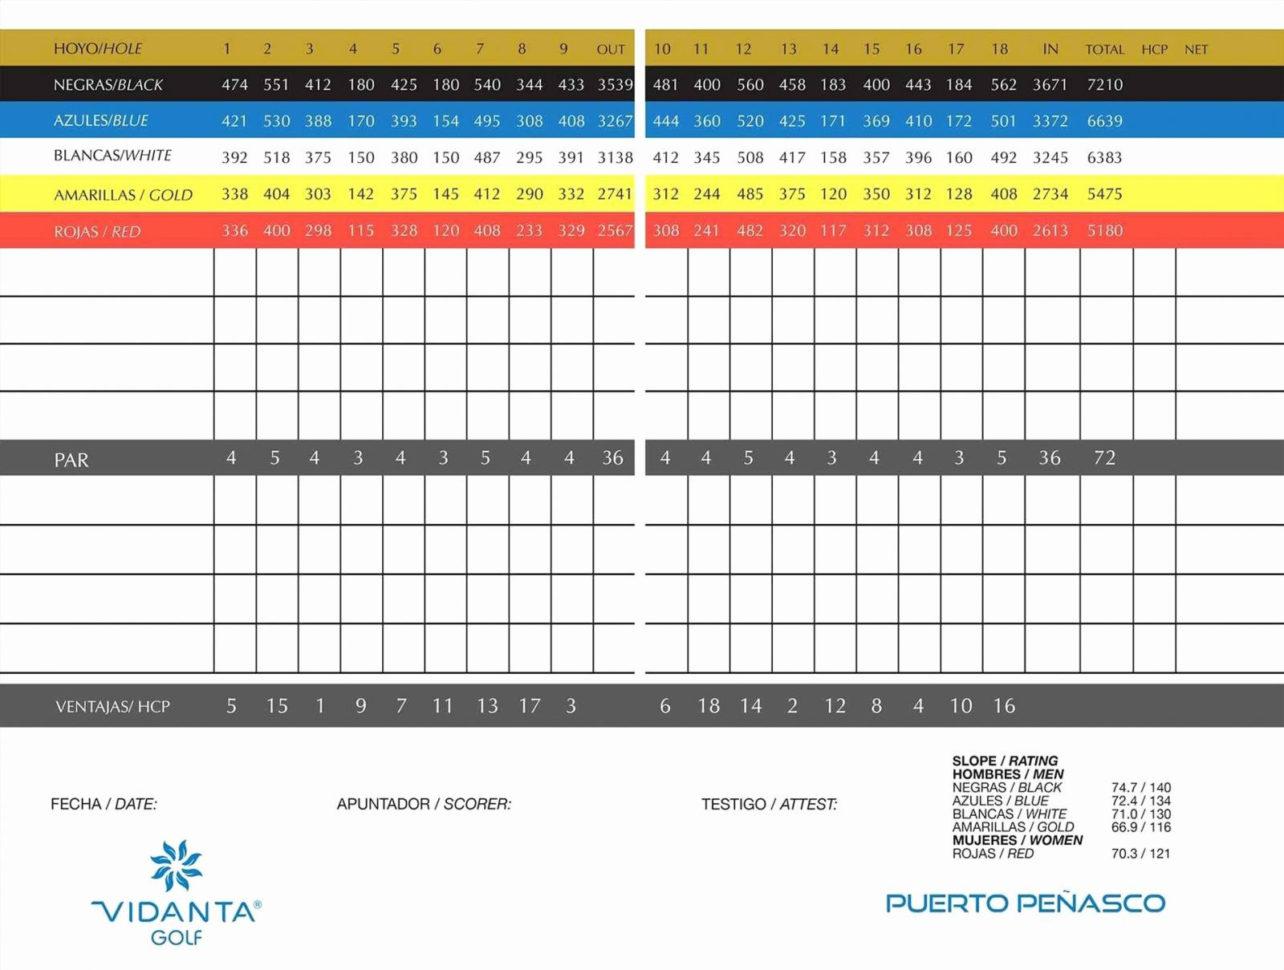 Golf Stat Tracker Spreadsheet Free Intended For Nba 2K18 Badges Spreadsheet Elegant Golf Stat Tracker Spreadsheet